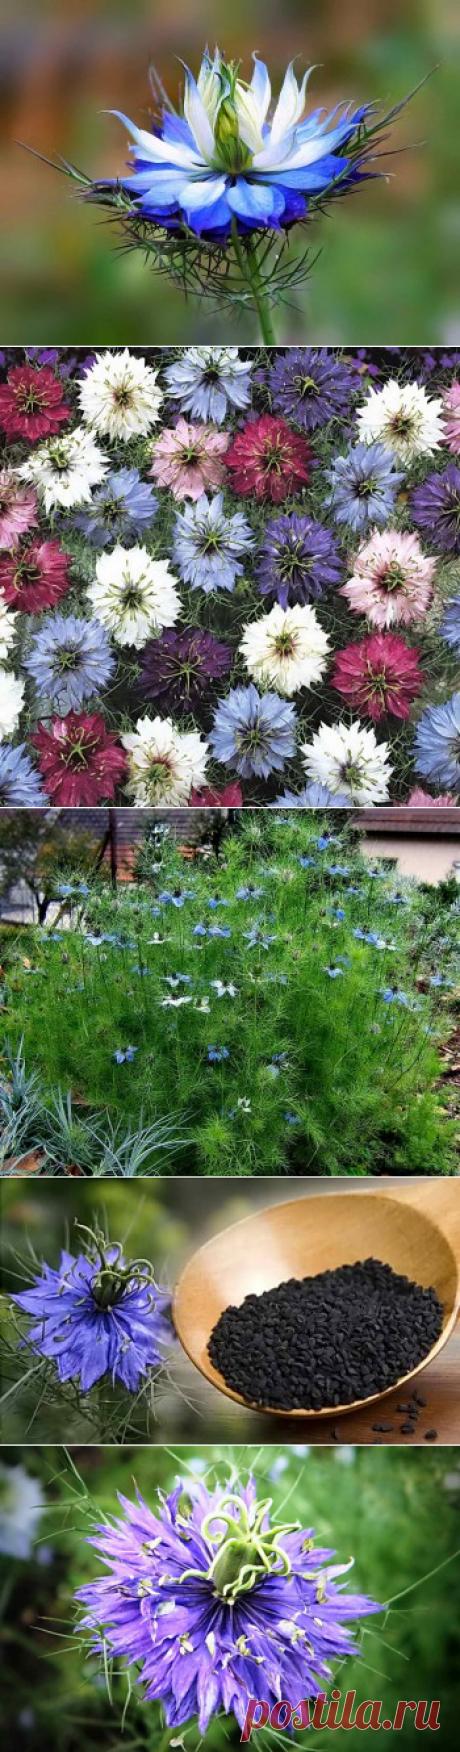 Выращивание нигеллы рассадой из семян и посев в открытый грунт | Дача - впрок